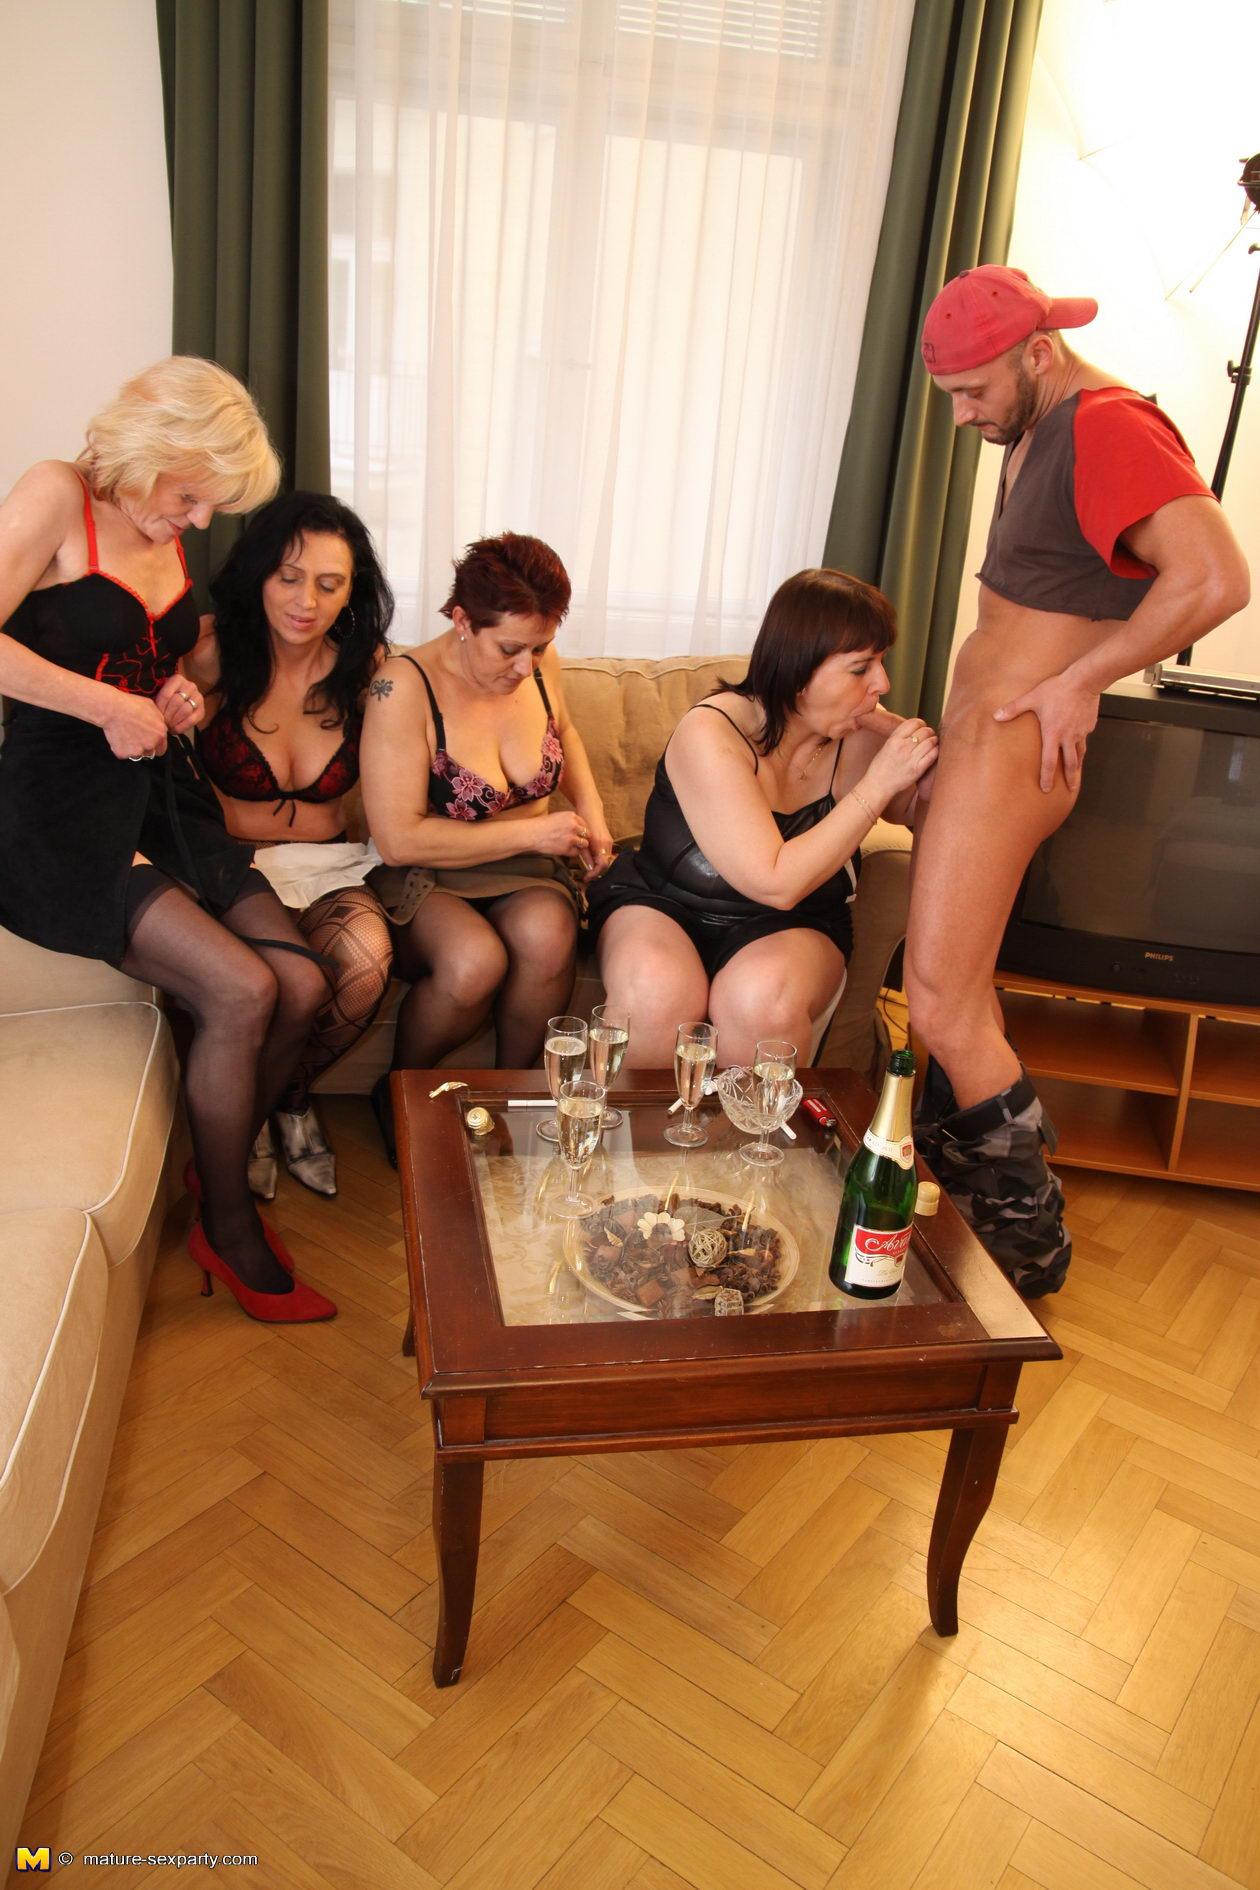 Horny busty females